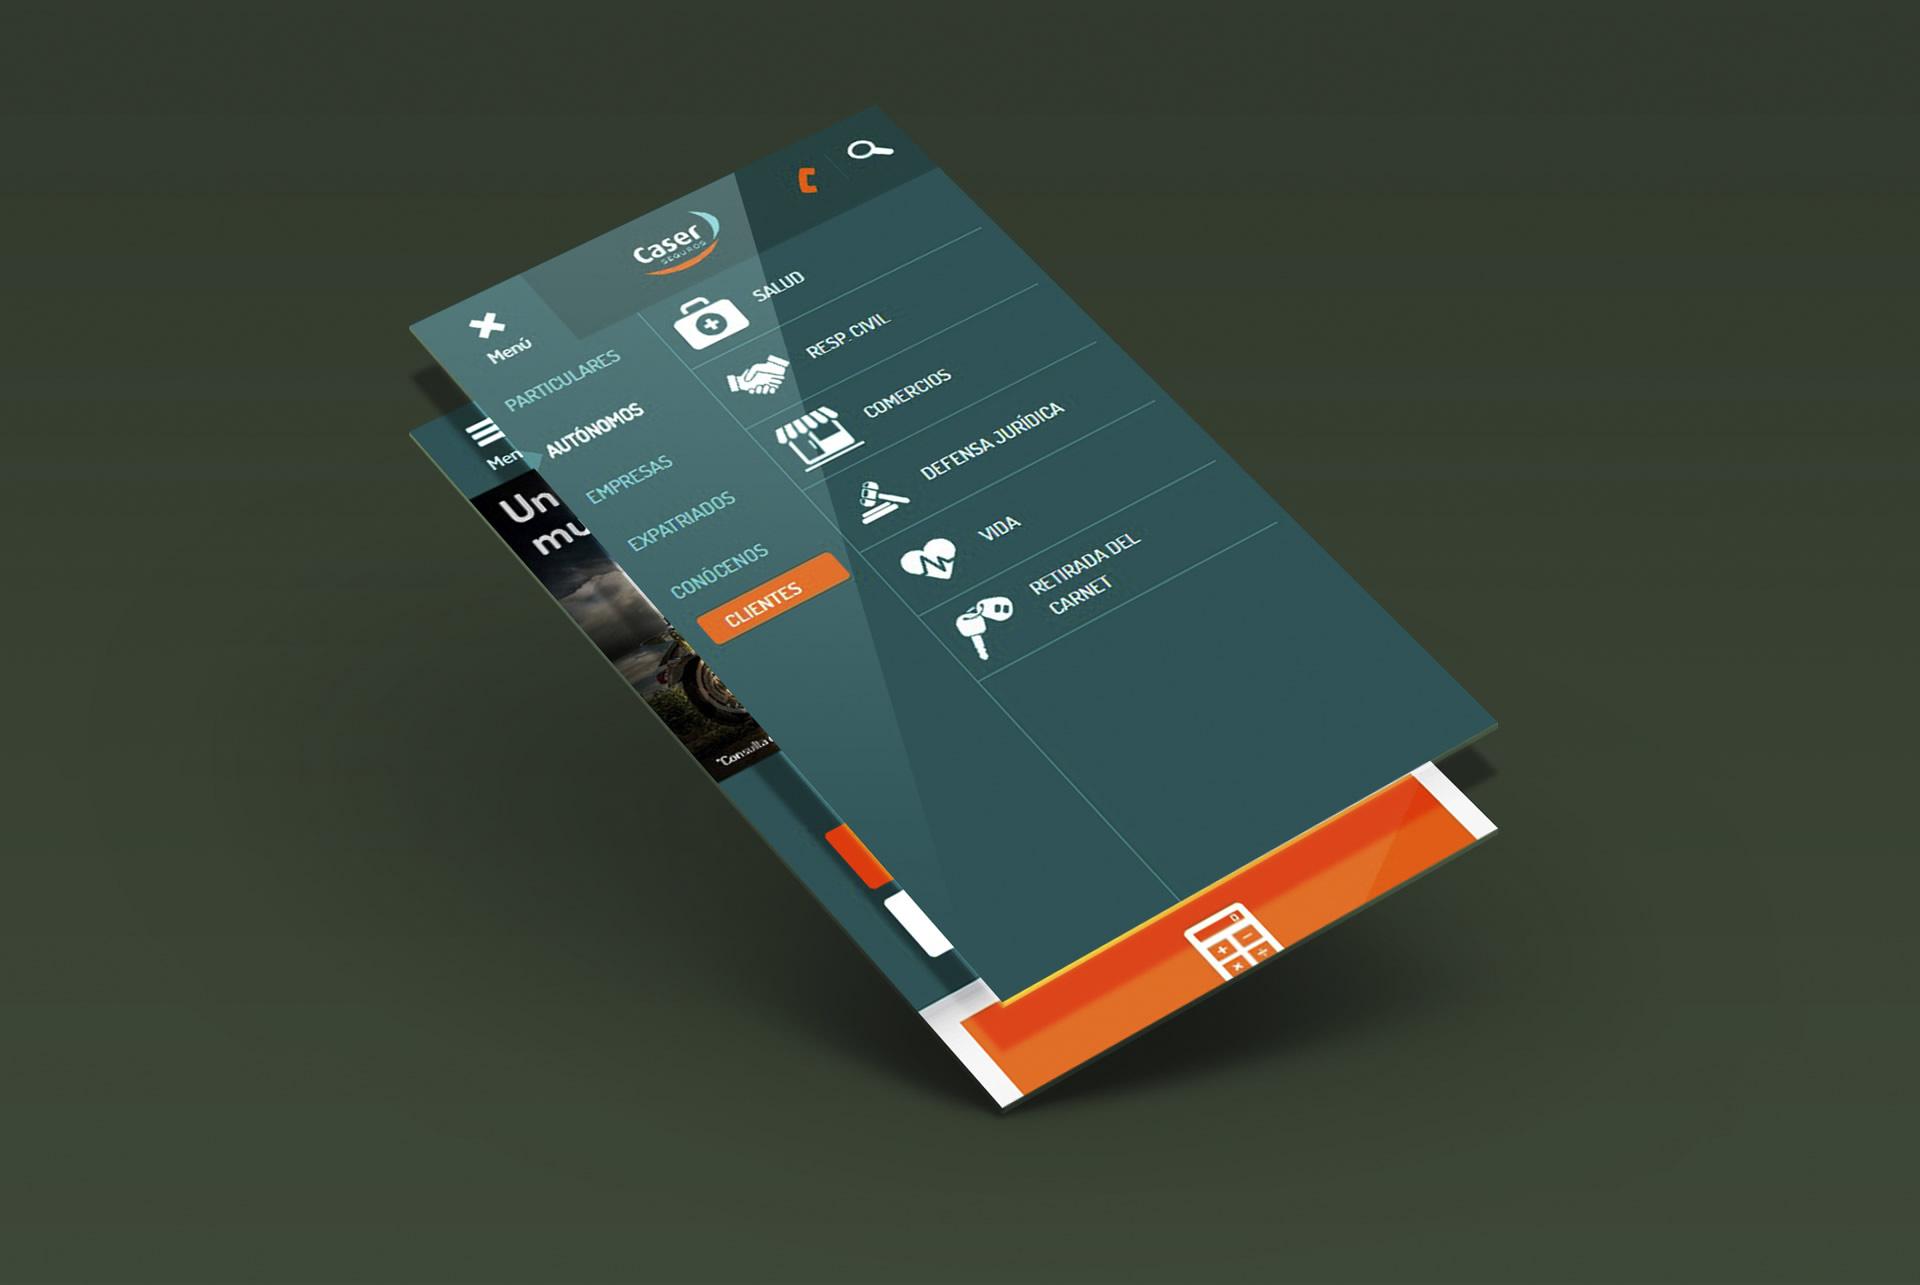 Caser web responsive web design mobile. BABEL